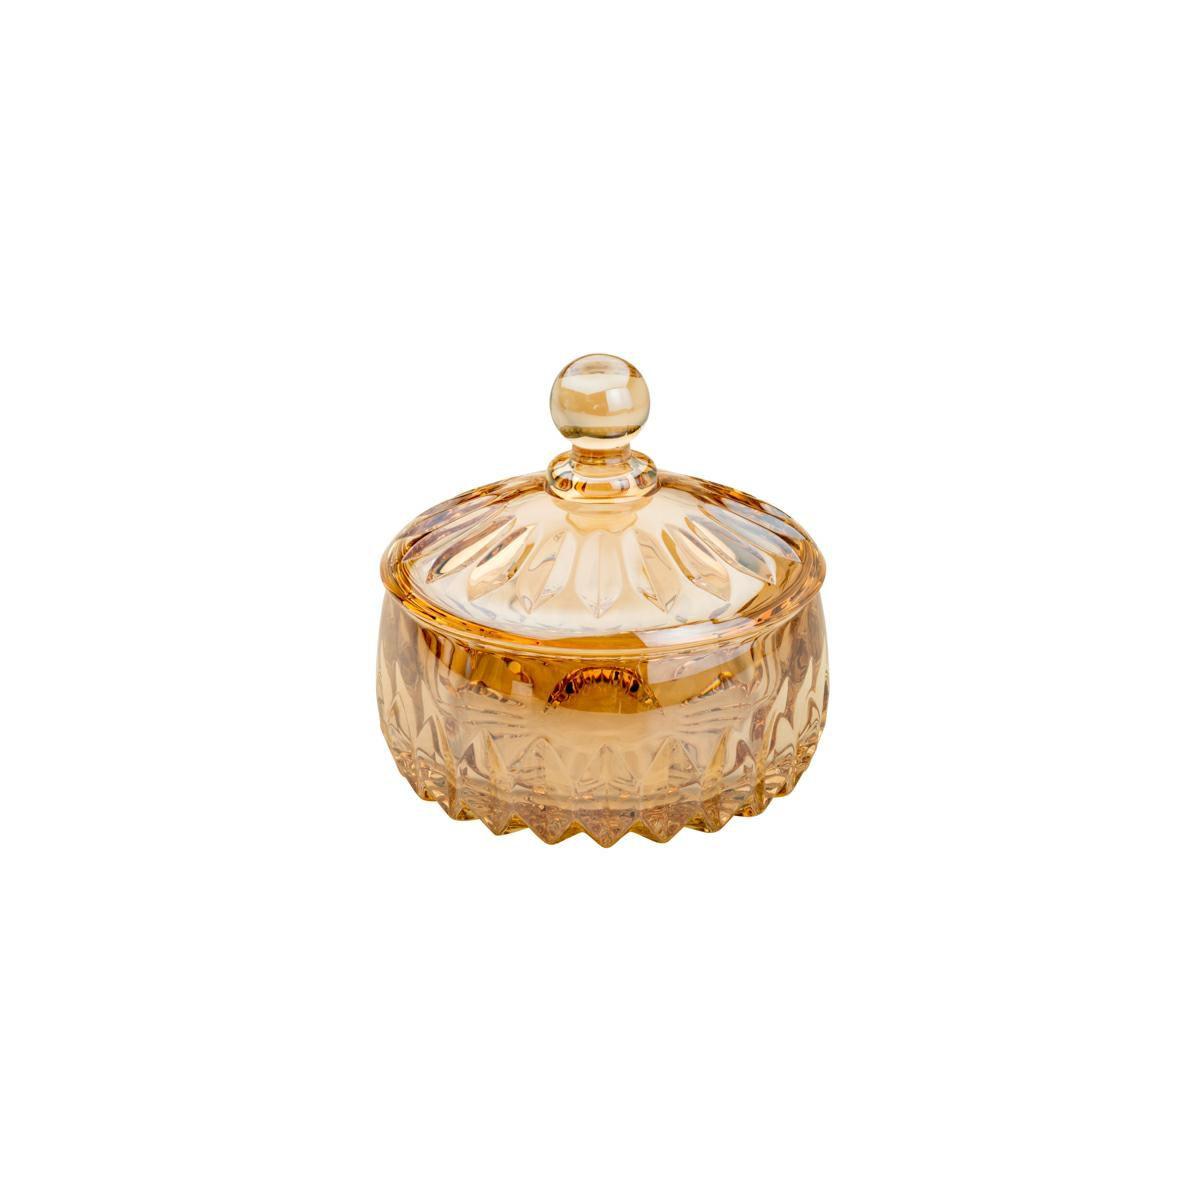 Bomboniere 14 cm de cristal âmbar com tampa Louise Wolff - 35200